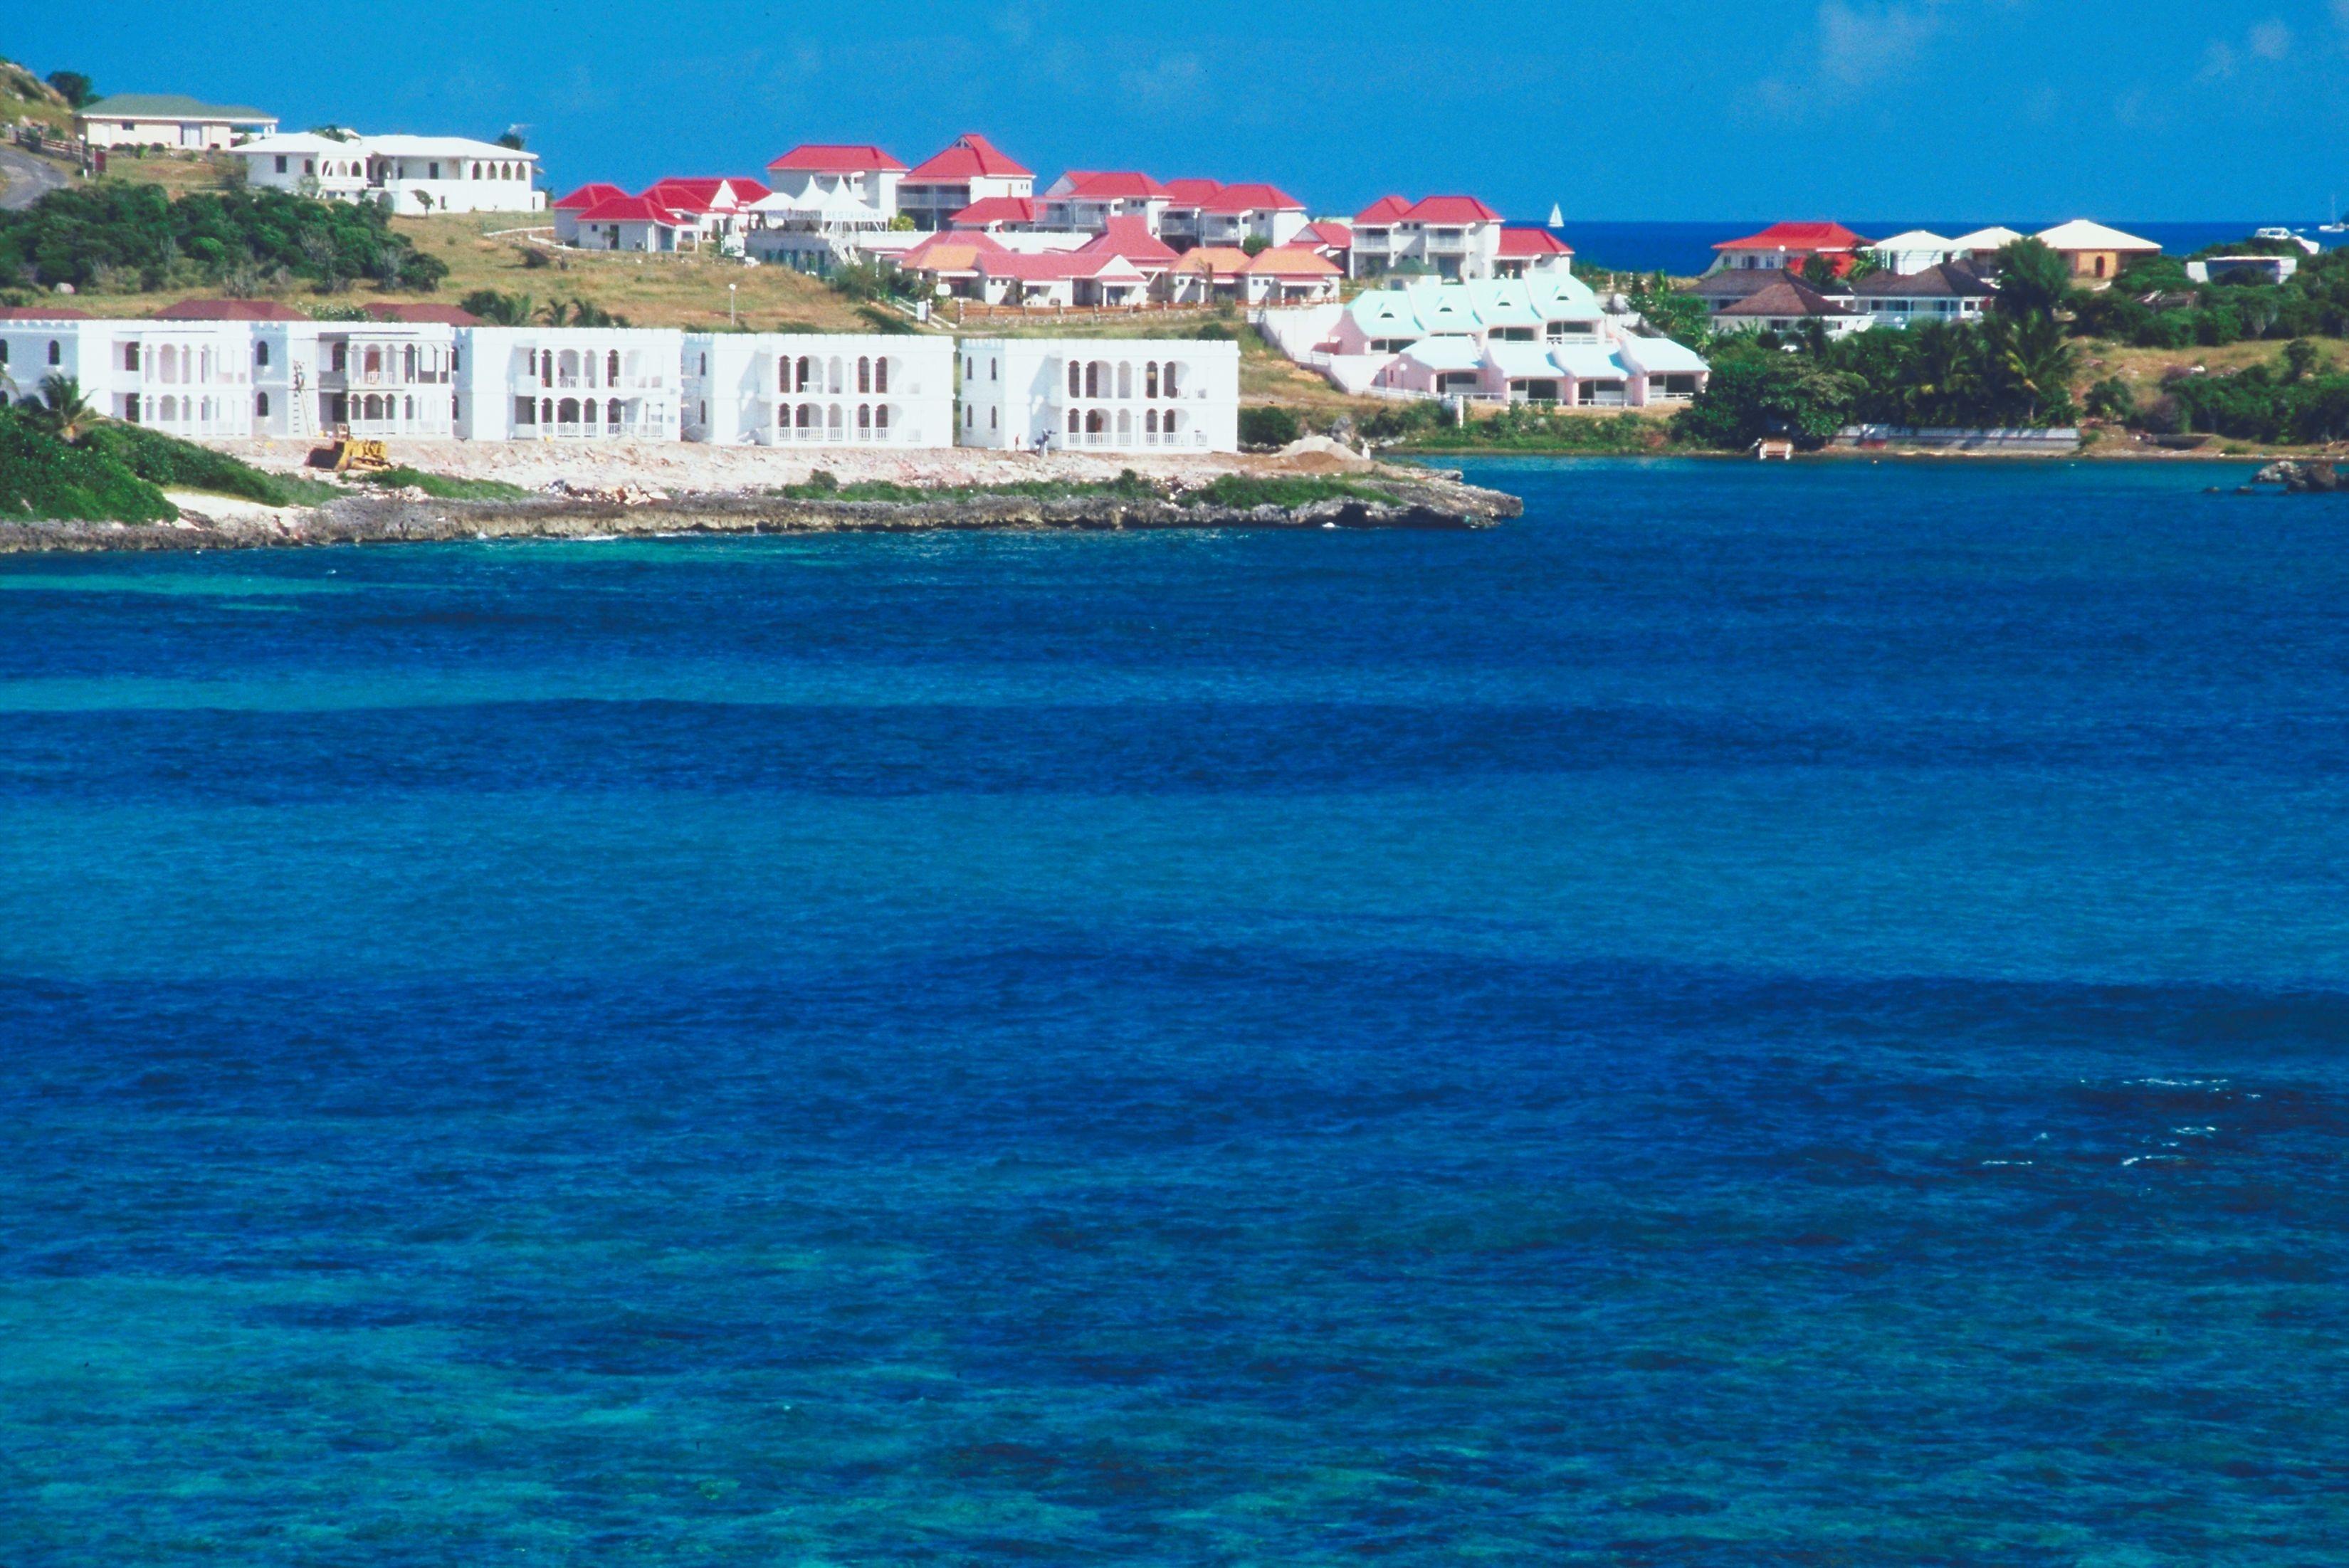 Hotels on the coast, St Maarten